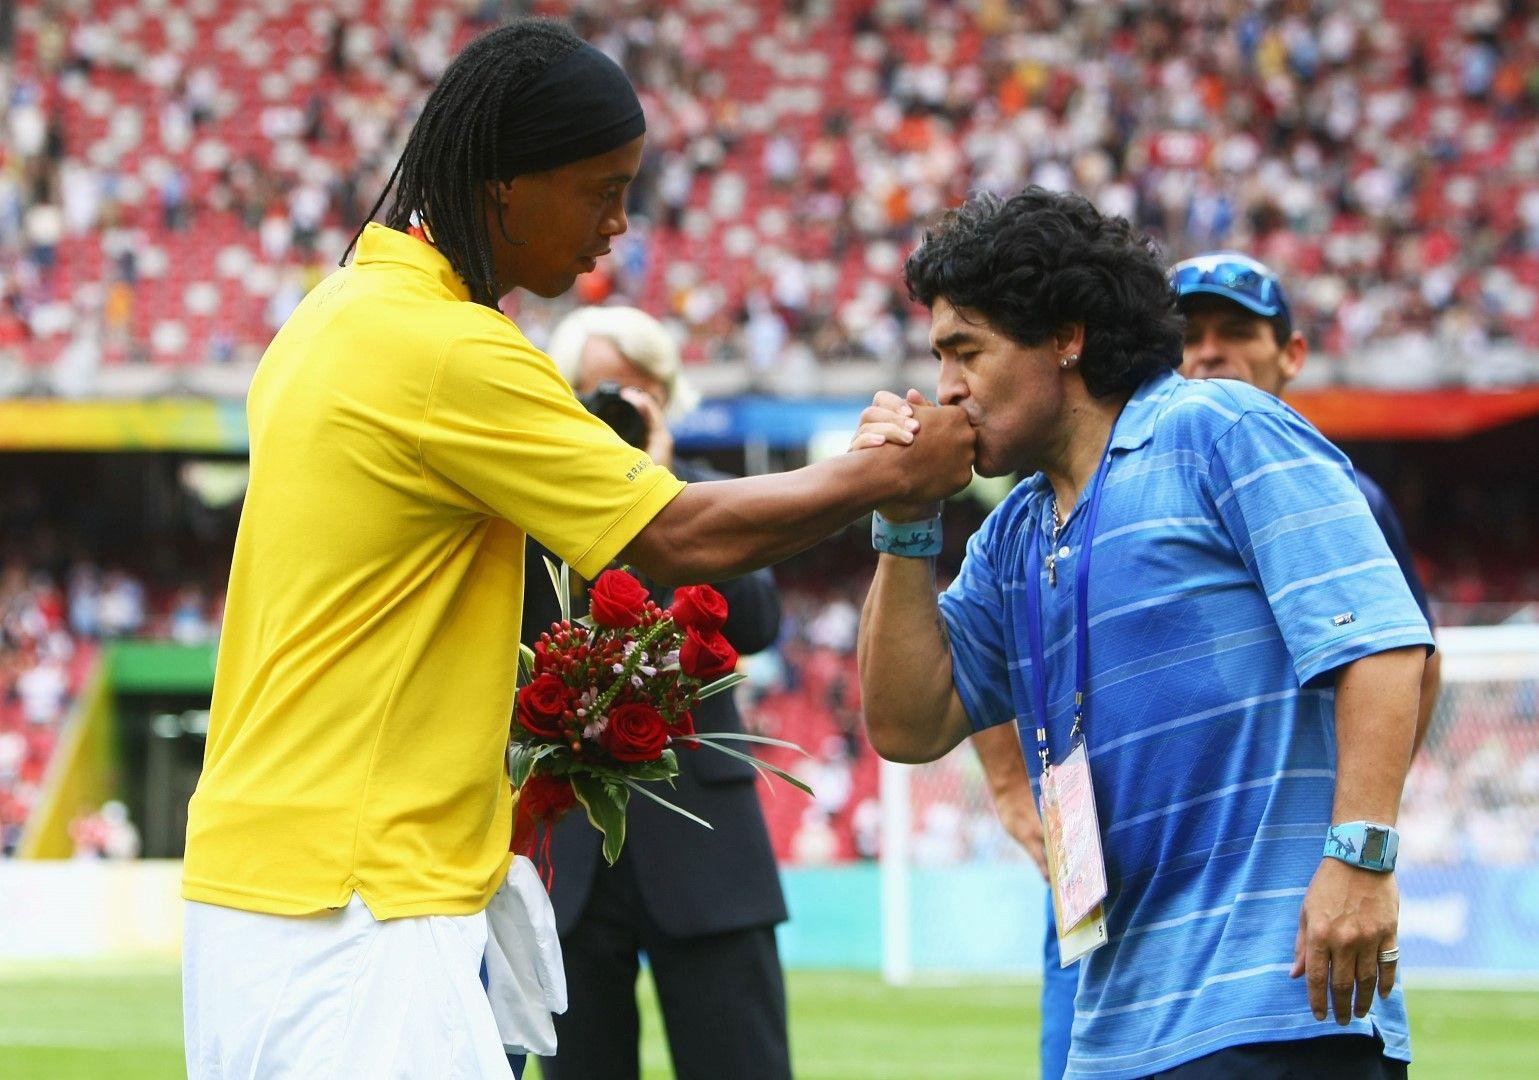 """Световно първенство 1990 г. - Антонио Карека, нападателят на Бразилия, за пореден път е спрян от аржентинец по пътя към гола. Бразилците удариха три греди в мача, но Марадона и Каниджа ги """"излъгаха"""" с късно попадение"""